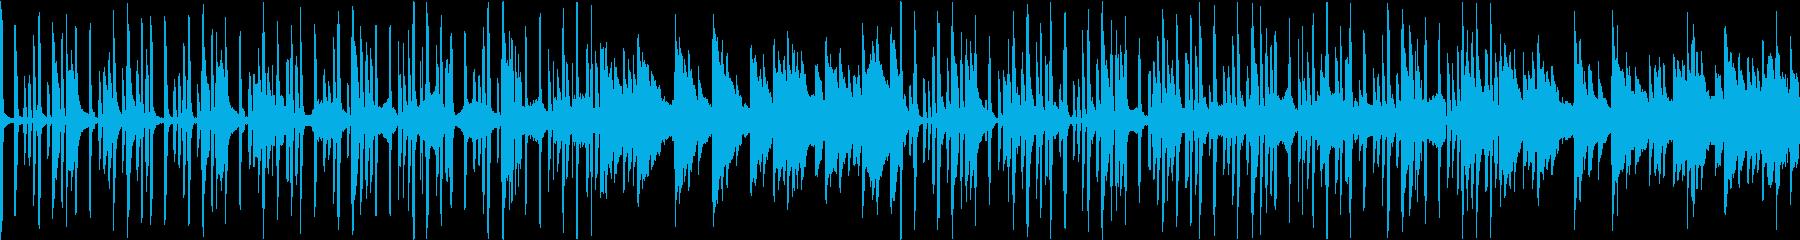 【リズム抜き】ほのぼの明るい素朴なBGMの再生済みの波形